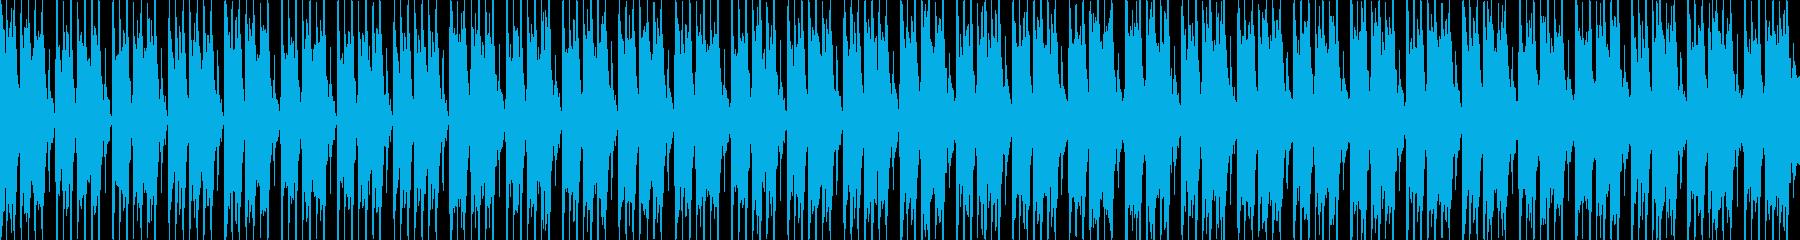 明るいポジティブなエレクトロBGM、SLの再生済みの波形